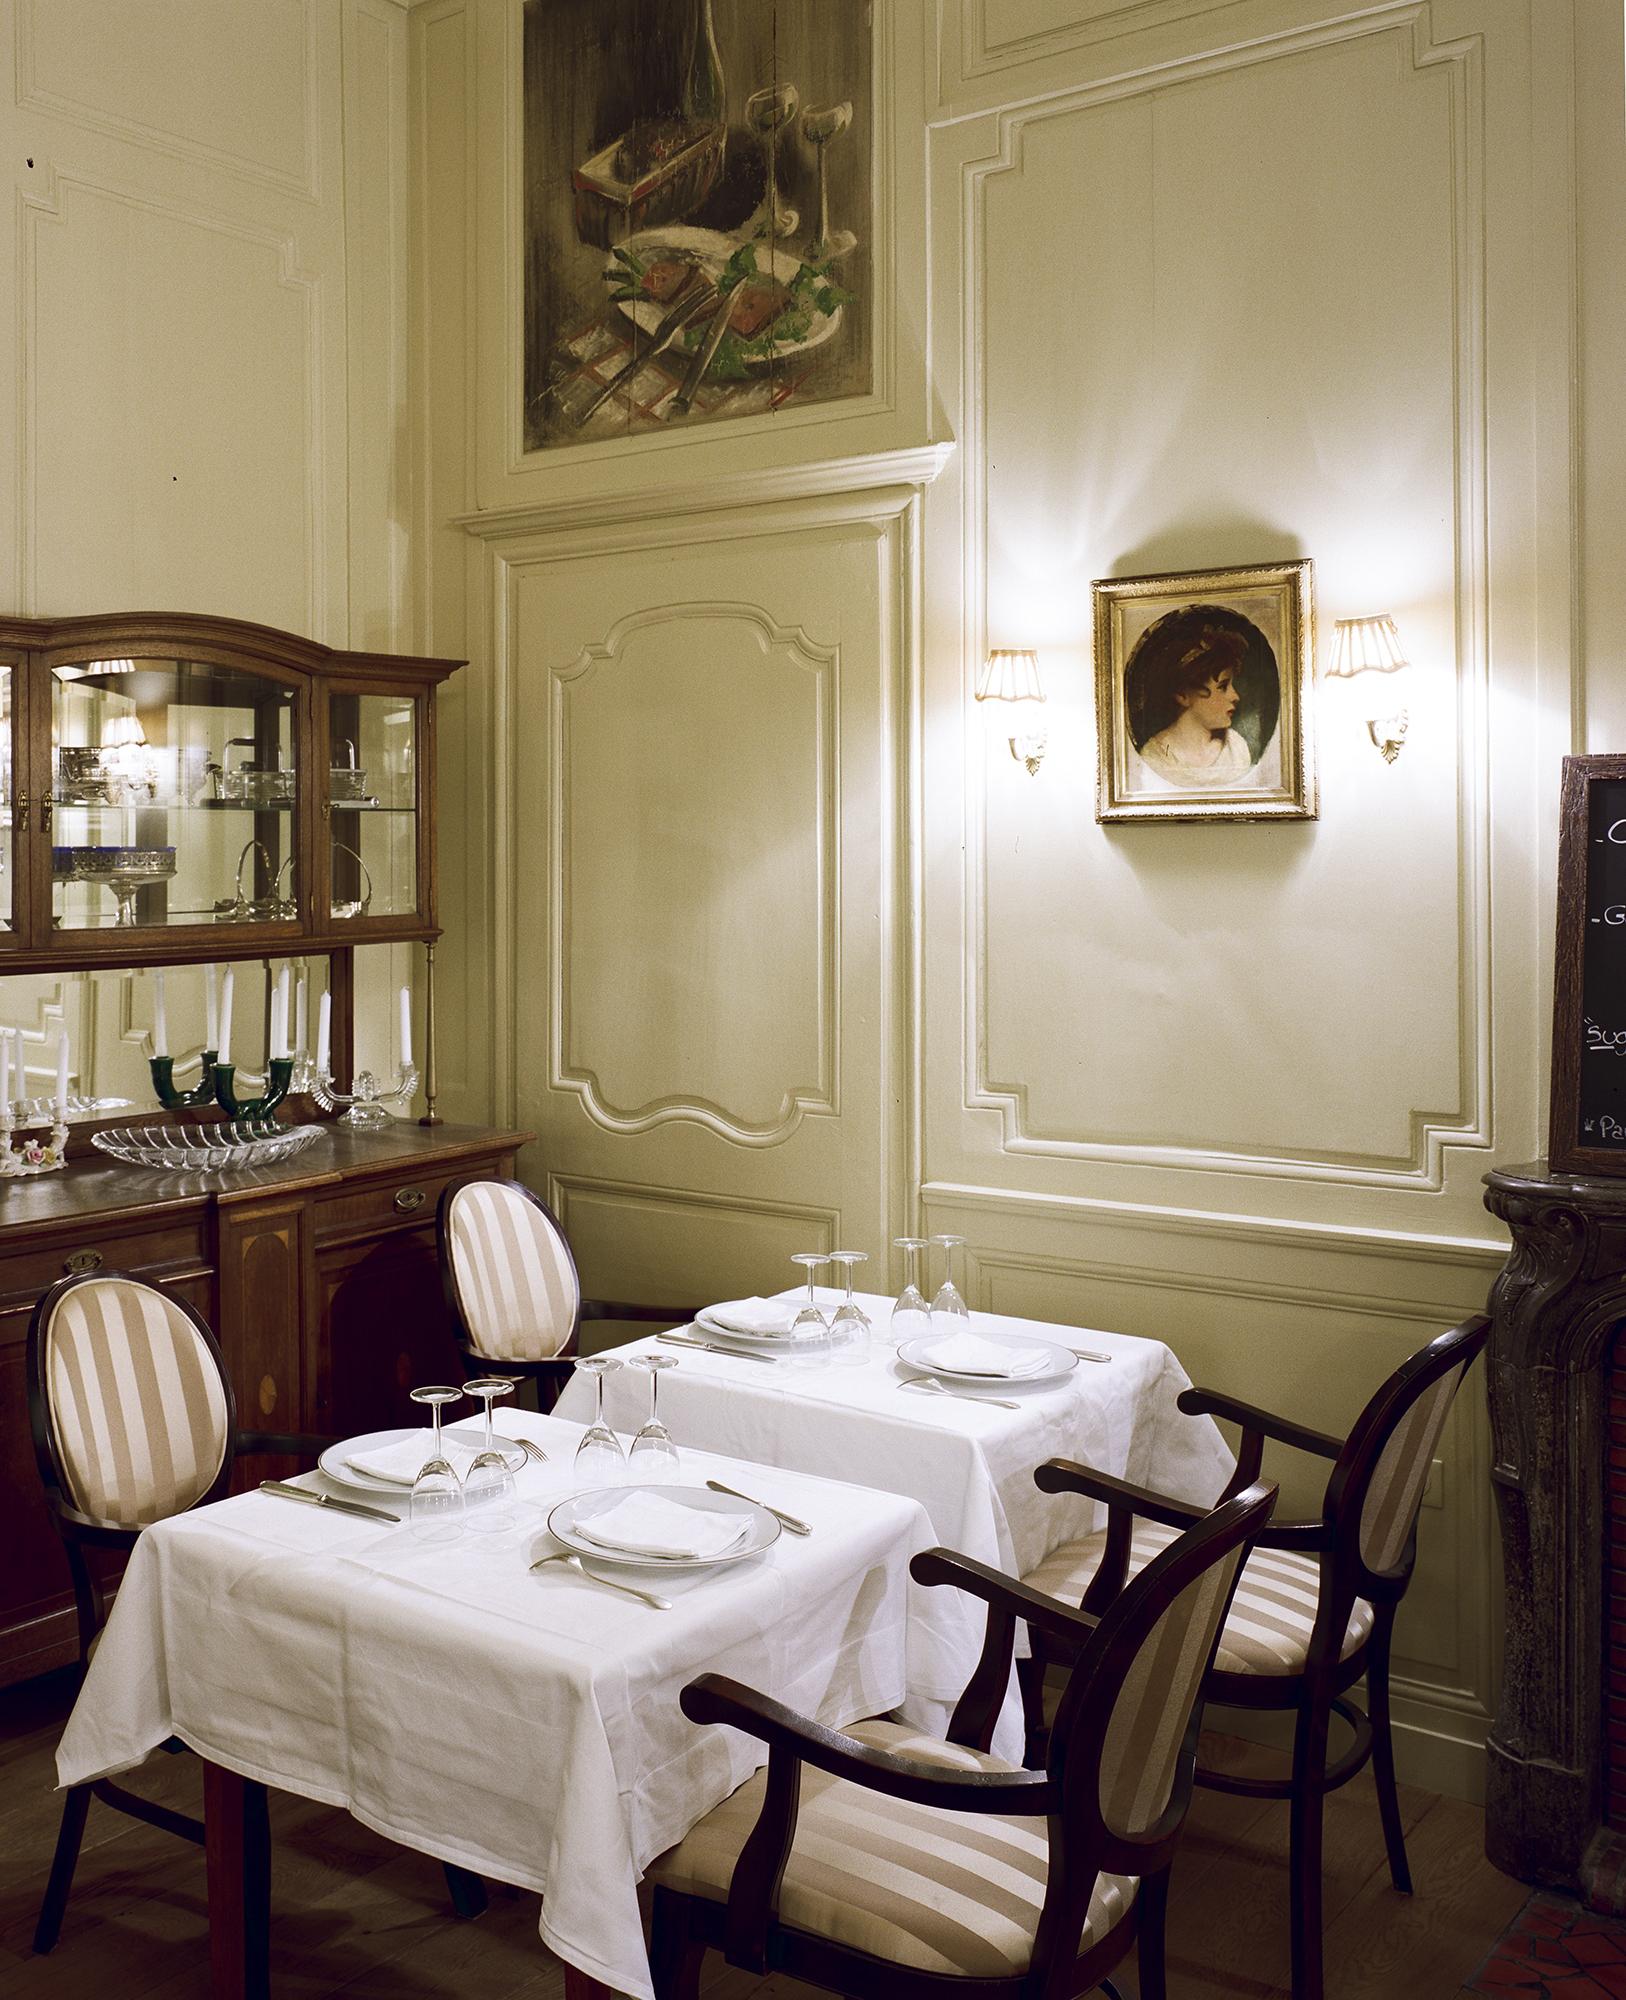 Moulures tableaux et tables - Resataurant Chez Gervais Chenecey